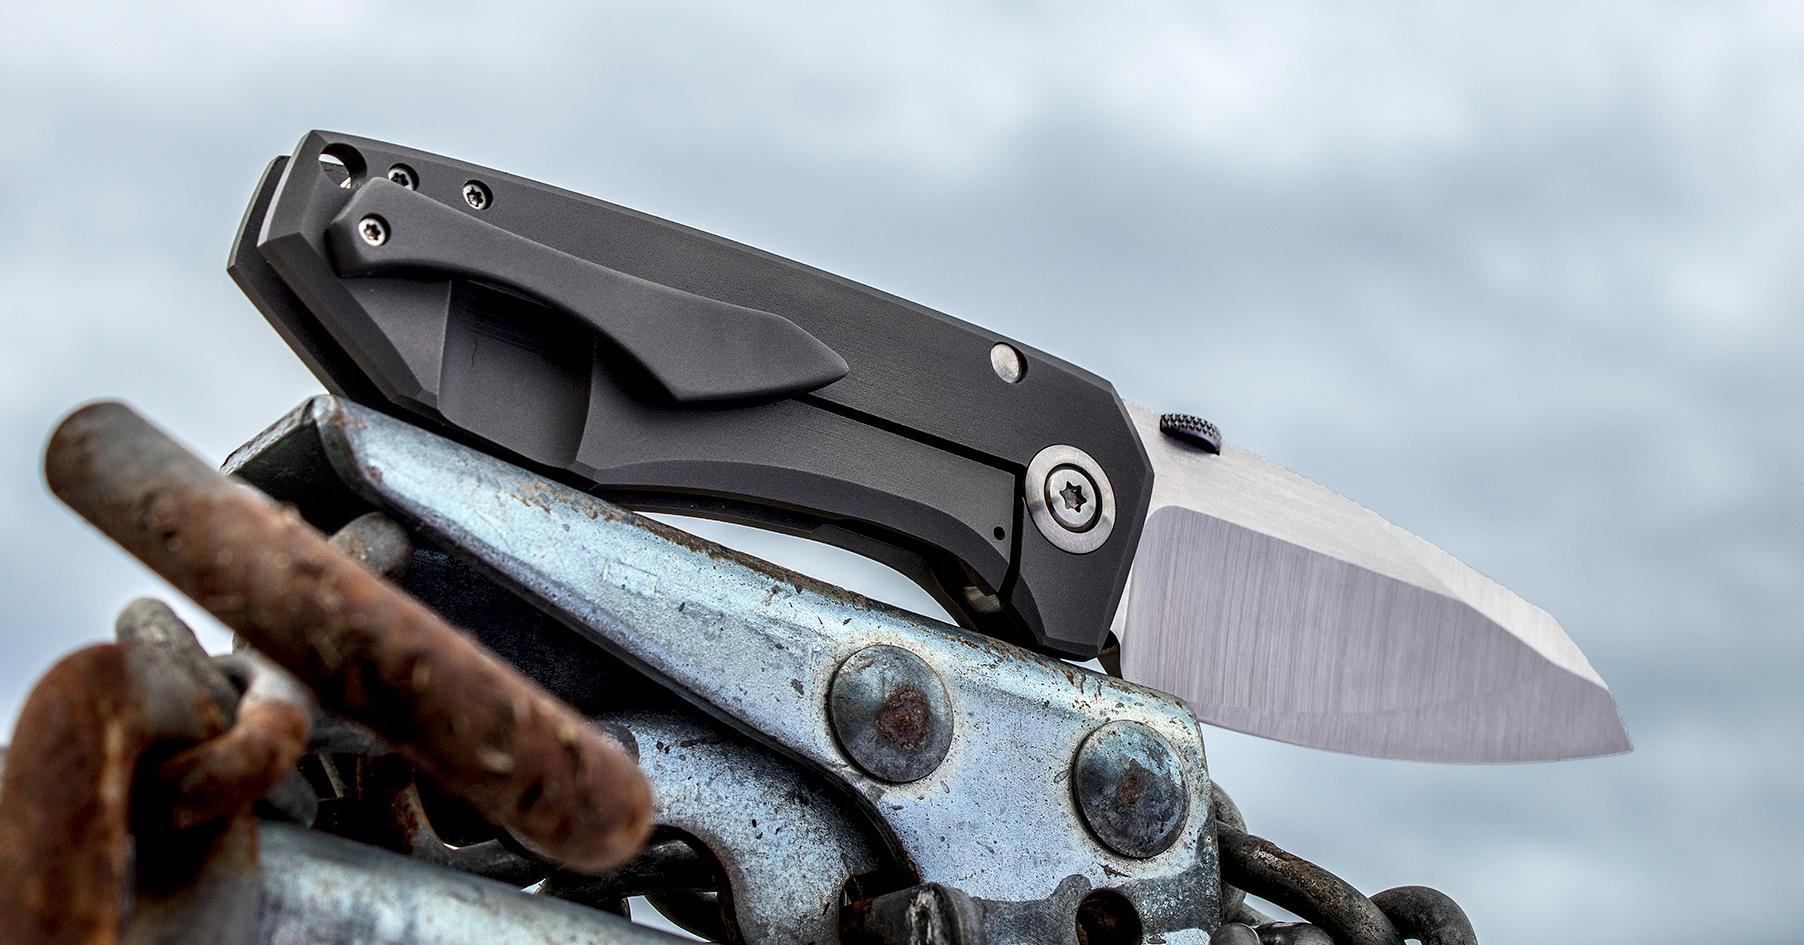 Sharknivco Knives